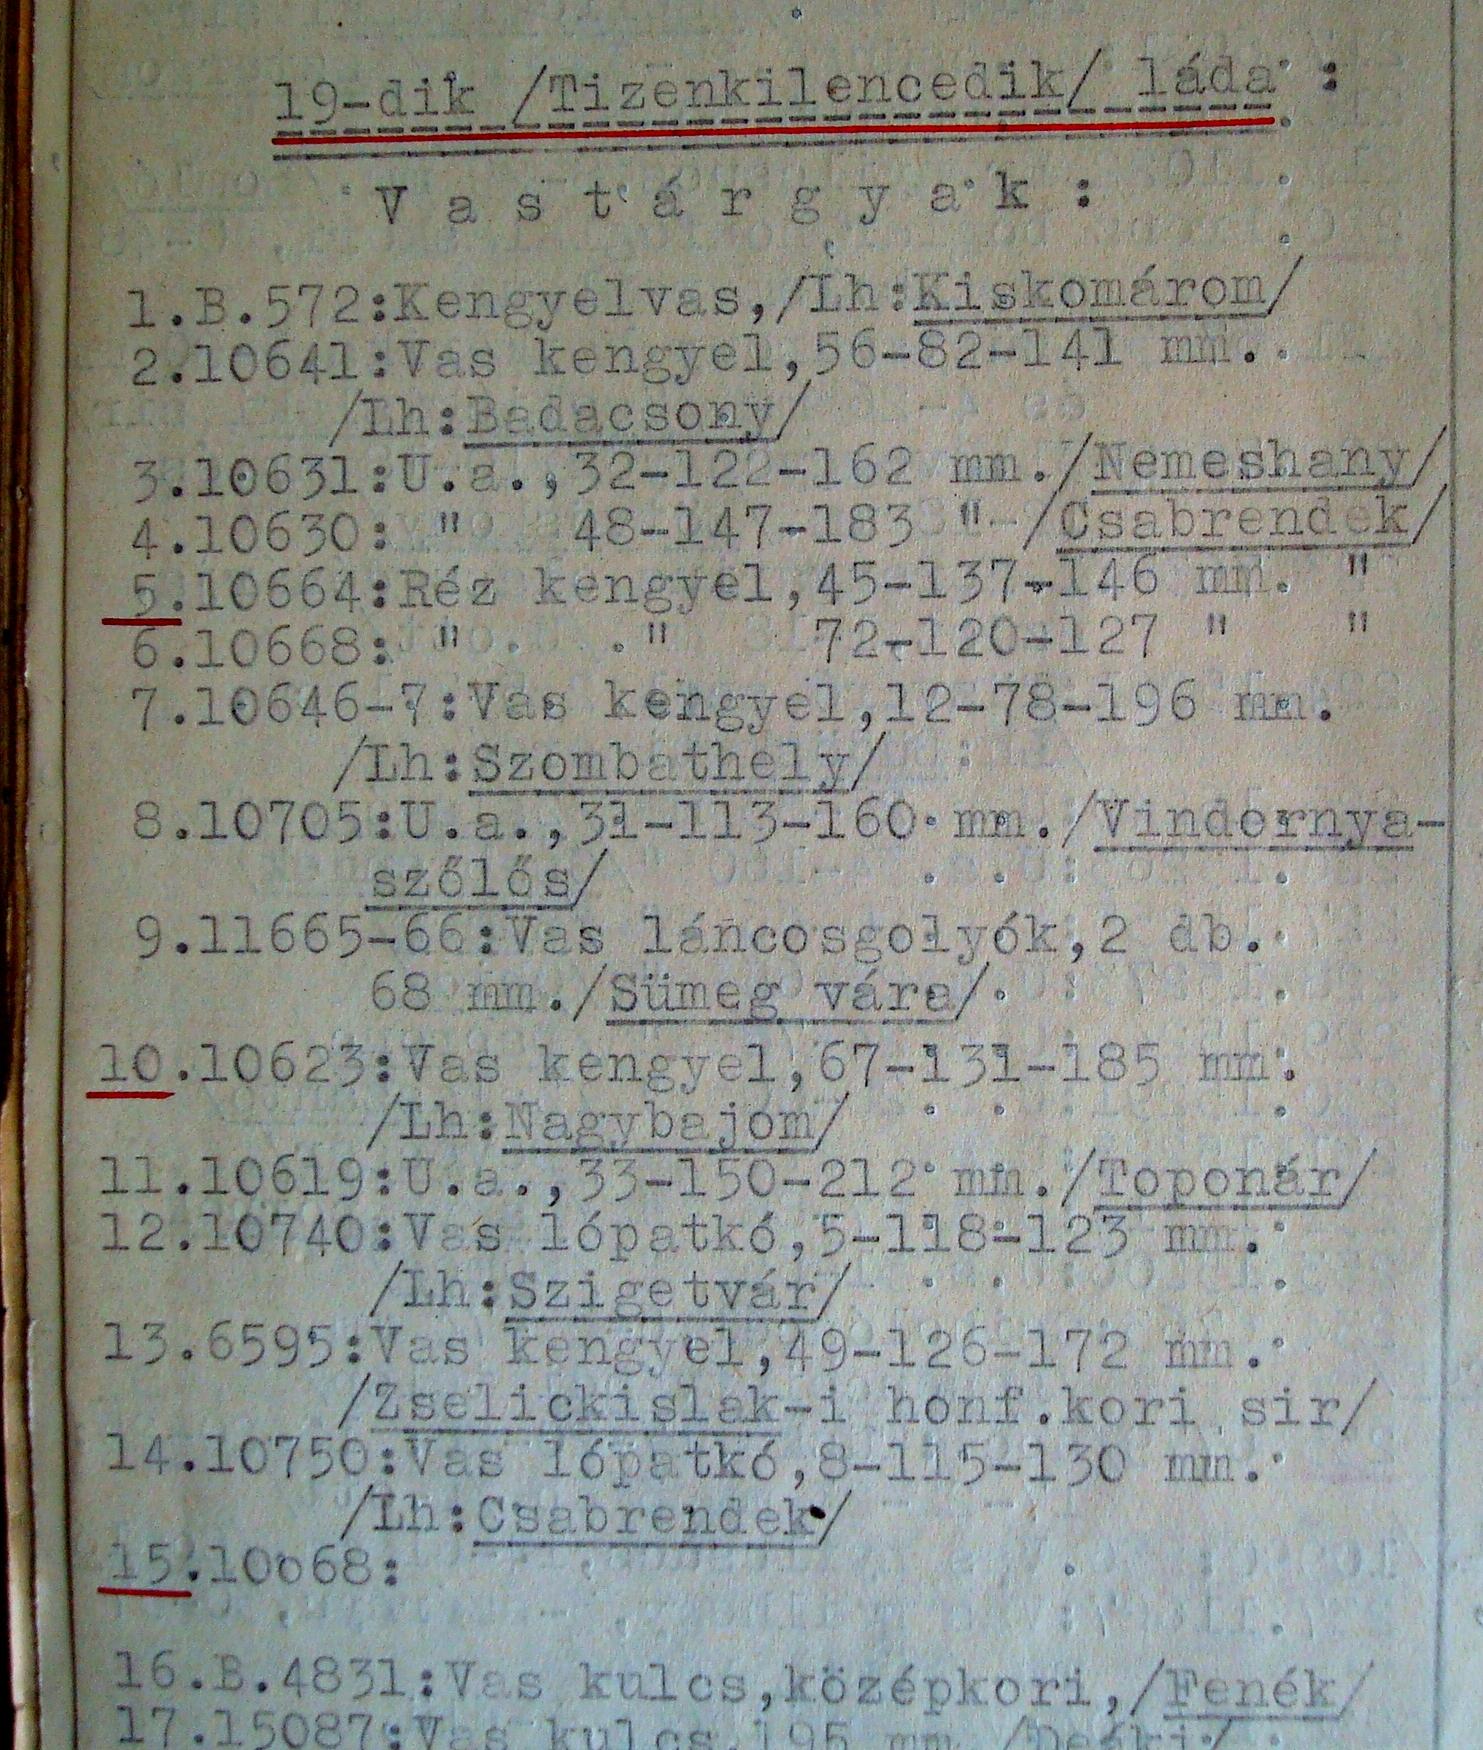 az_1947-es_veszteseglista_reszlete_2.JPG